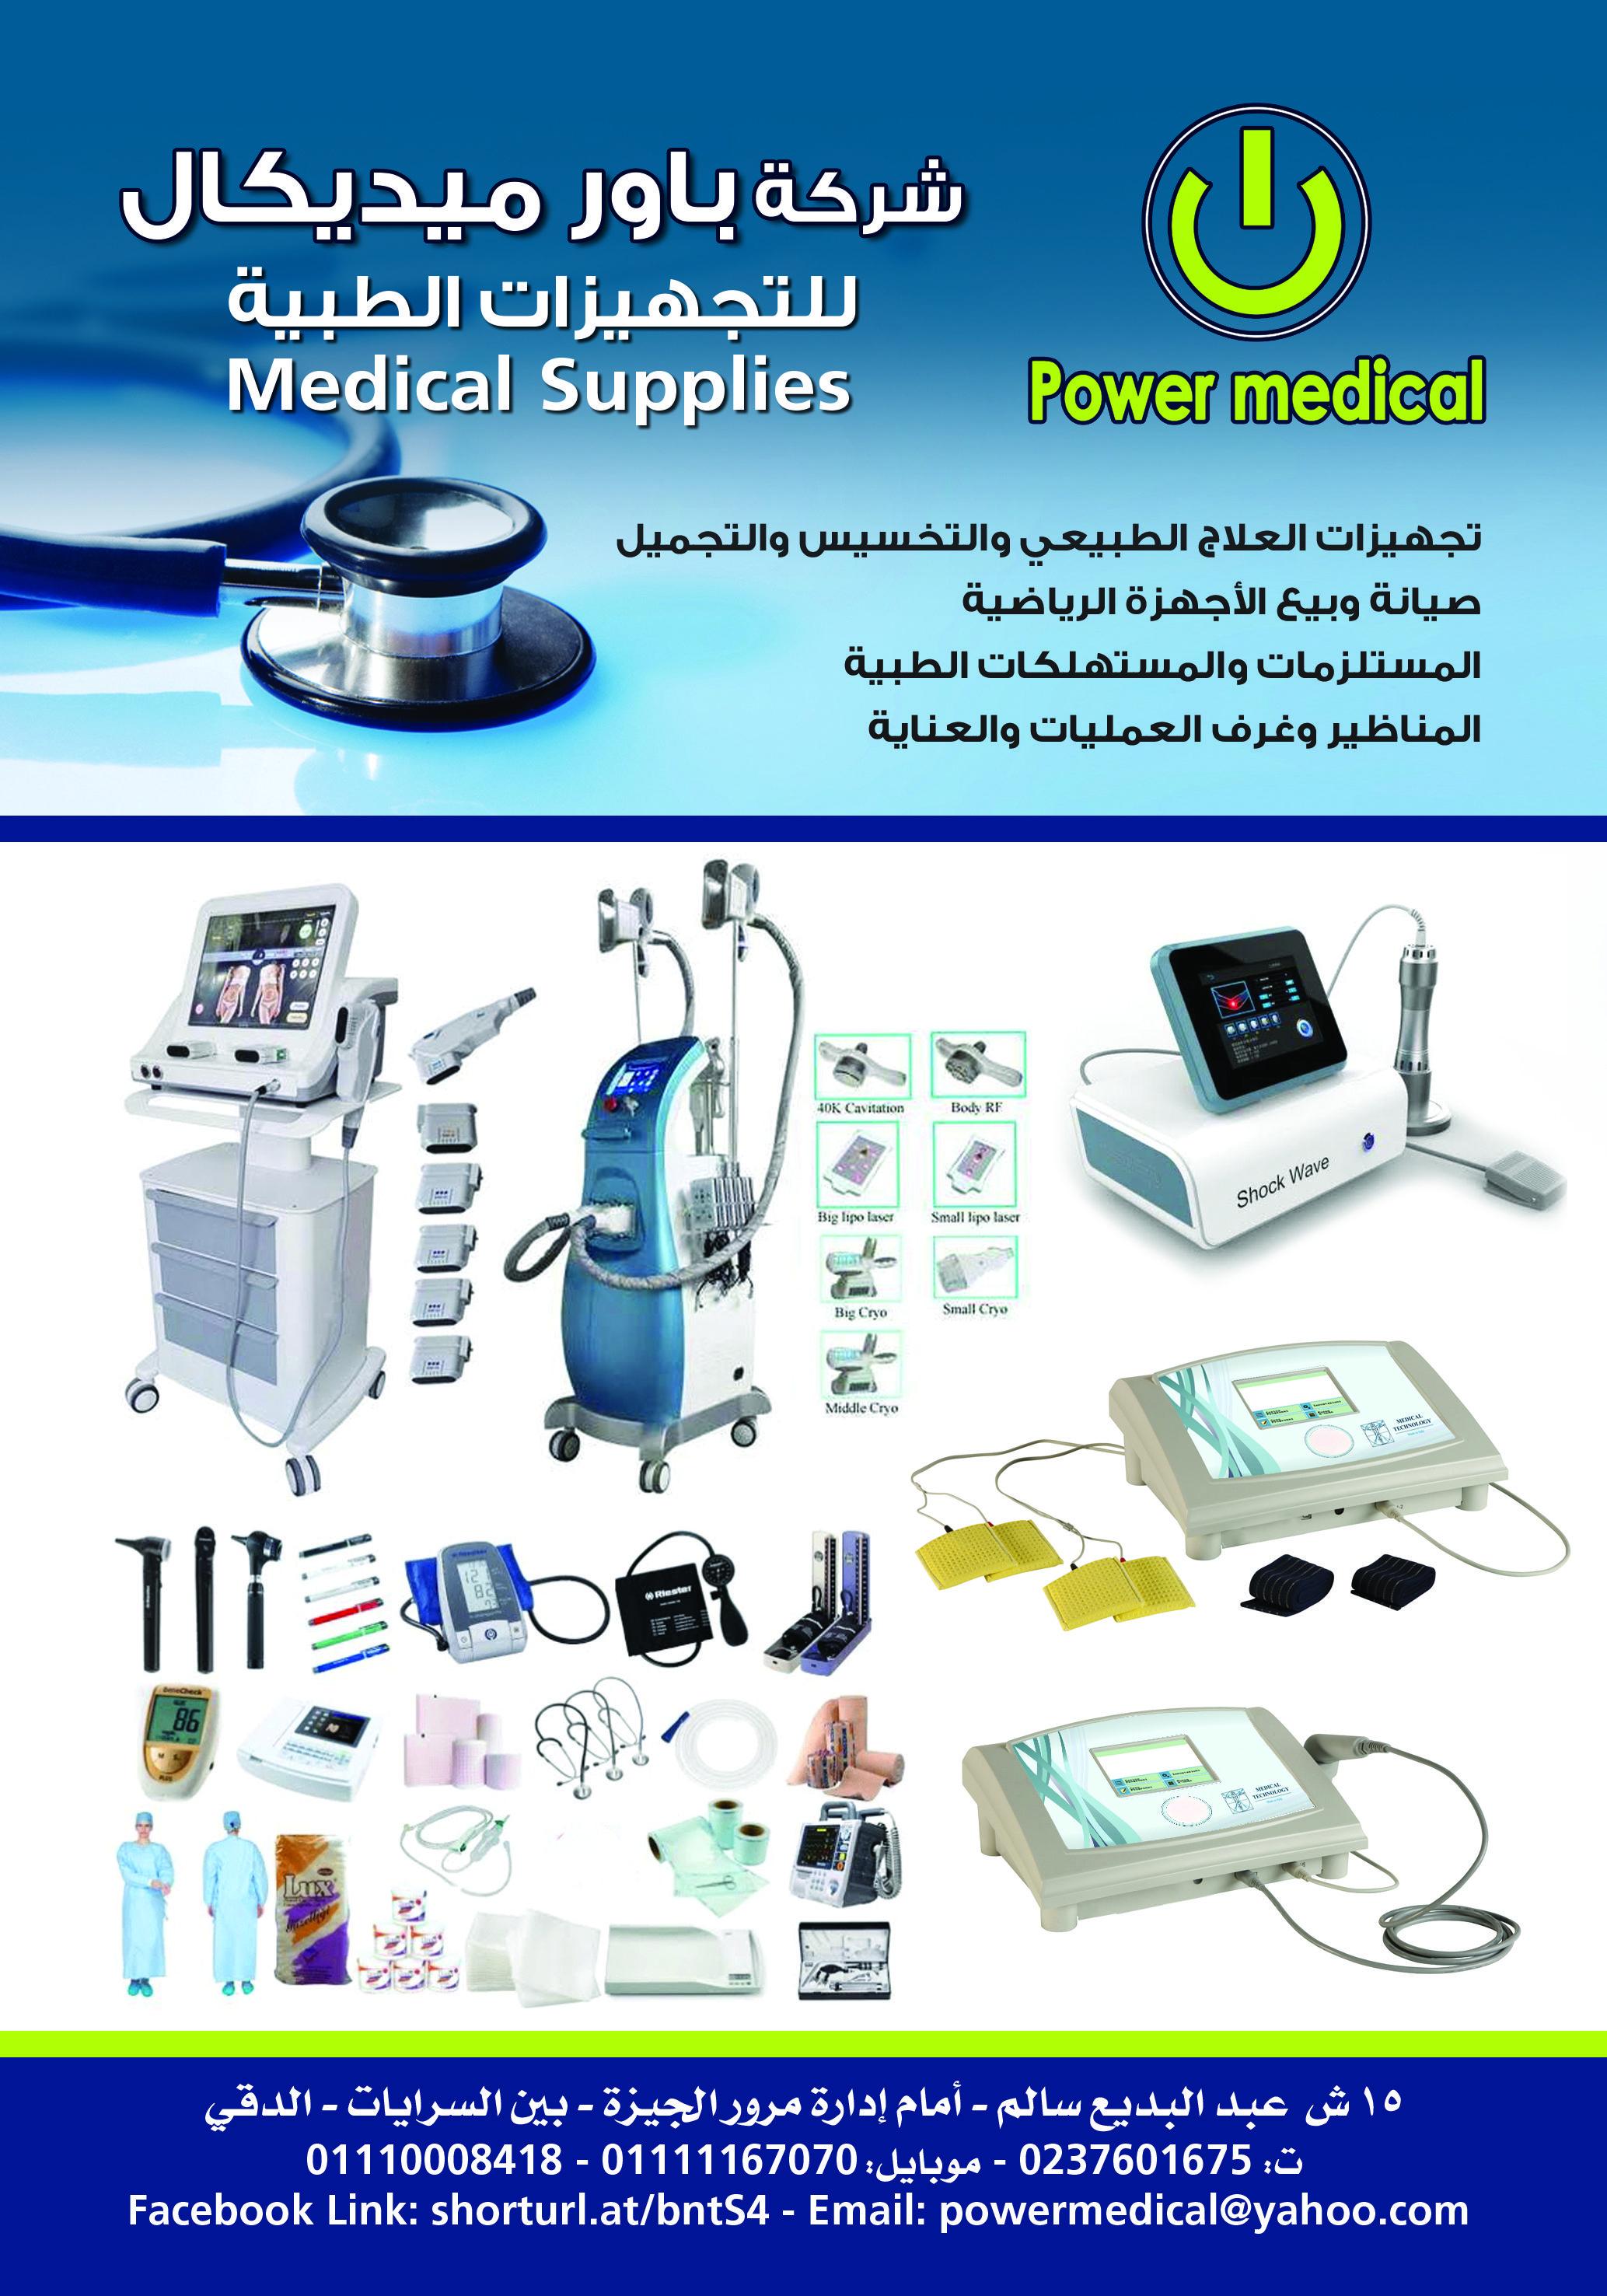 شركات طبية Medical Supplies Shock Wave Power